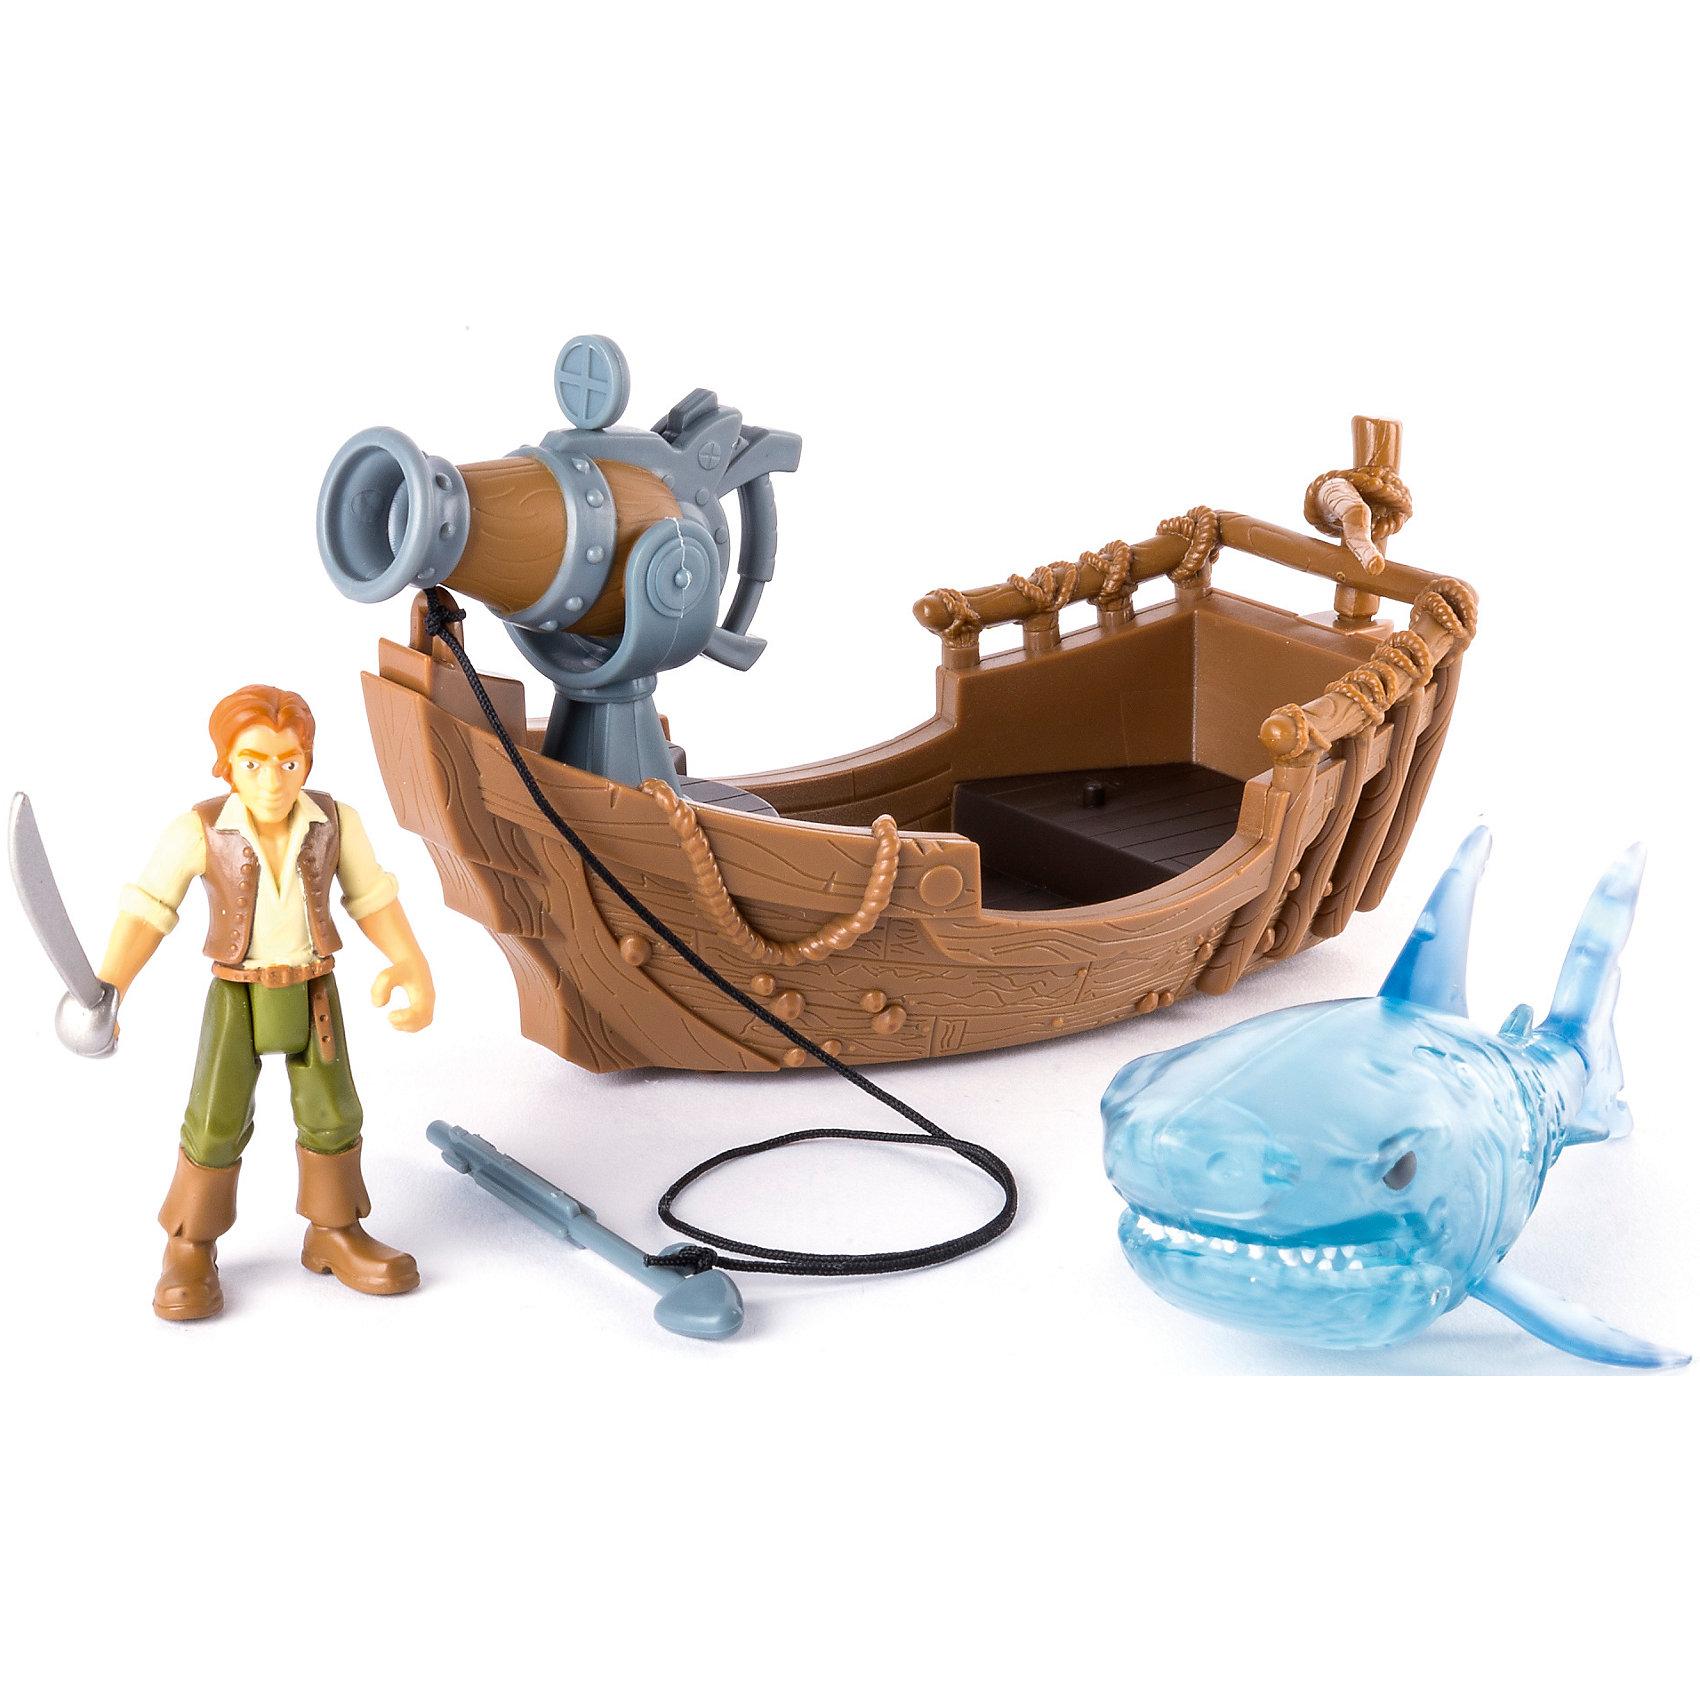 Фигурка героя с лодкой и акулой, Spin Master, Пираты Карибского моряЛюбимые герои<br>Характеристики товара:<br><br>• возраст: от 4 лет;<br>• материал: пластик;<br>• в комплекте: фигурка, лодка, акула;<br>• длина лодки: 18 см;<br>• размер упаковки: 30х11х11 см;<br>• вес упаковки: 300 гр.;<br>• страна производитель: Китай.<br><br>Игровой набор «Фигурка героя с лодкой и акулой» Пираты Карибского моря Spin Master создан по мотивам известного фильма «Пираты Карибского моря: Мертвецы не рассказывают сказки». В набор входят фигурка, лодка и акула-призрак.<br><br>Лодка оборудована гарпуном, который стреляет снарядом. У акулы открывается пасть. Набор позволит детям устроить захватывающие игры, сражения или воспроизвести сценки из фильма.<br><br>Игровой набор «Фигурка героя с лодкой и акулой» Пираты Карибского моря Spin Master можно приобрести в нашем интернет-магазине.<br><br>Ширина мм: 60<br>Глубина мм: 290<br>Высота мм: 210<br>Вес г: 415<br>Возраст от месяцев: 48<br>Возраст до месяцев: 2147483647<br>Пол: Мужской<br>Возраст: Детский<br>SKU: 6873831